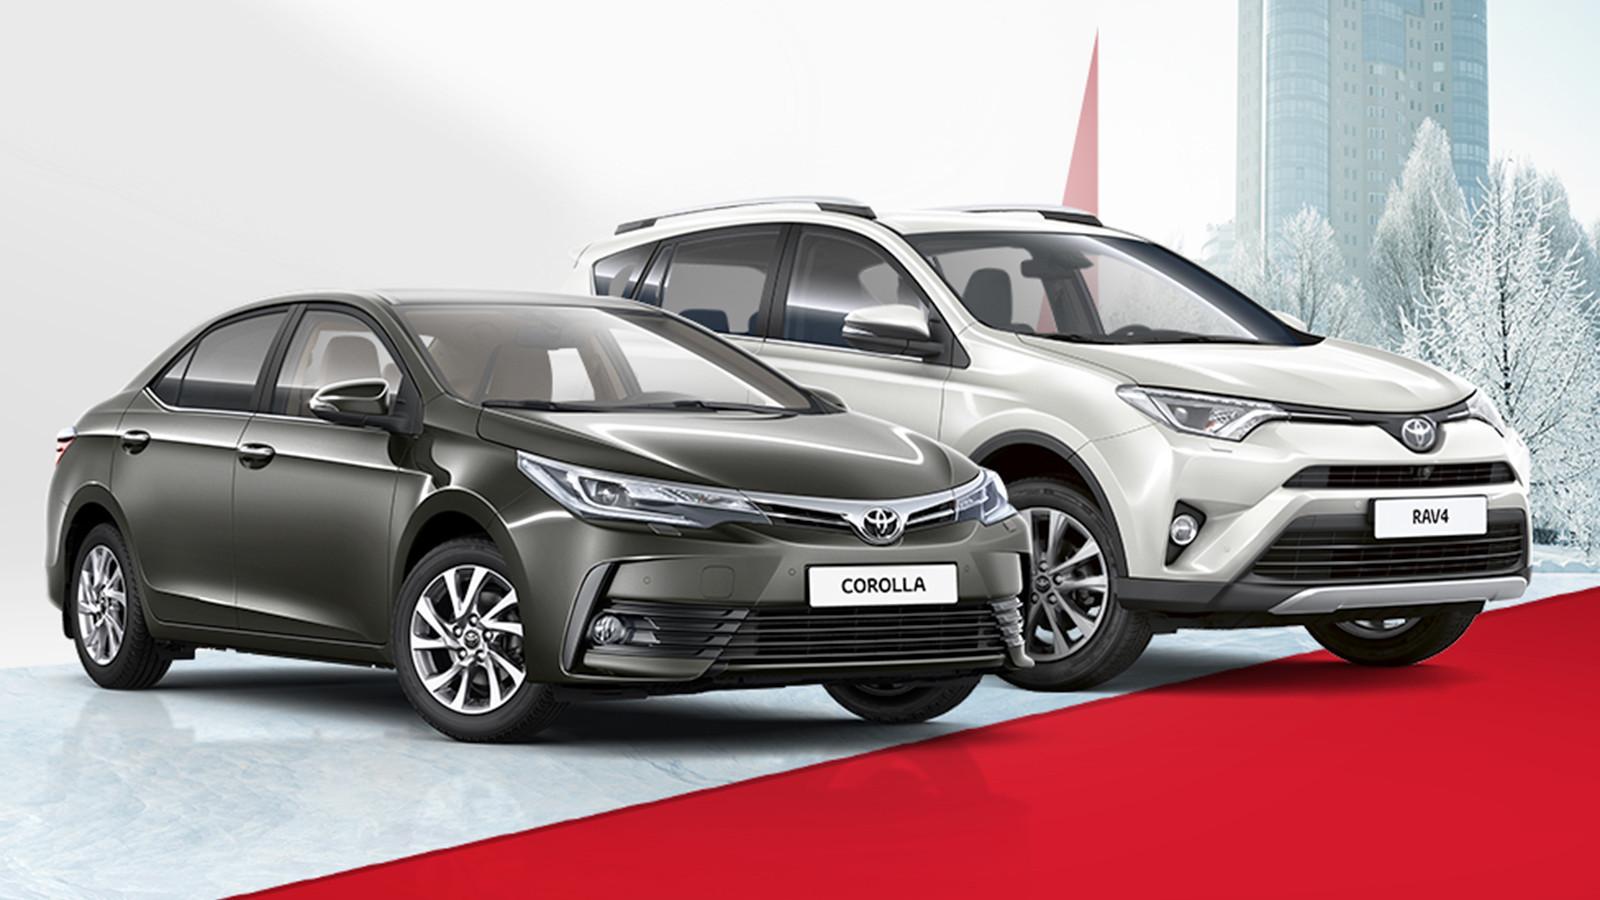 Напокупку новых авто впервом полугодии было потрачено 890 млрд руб.